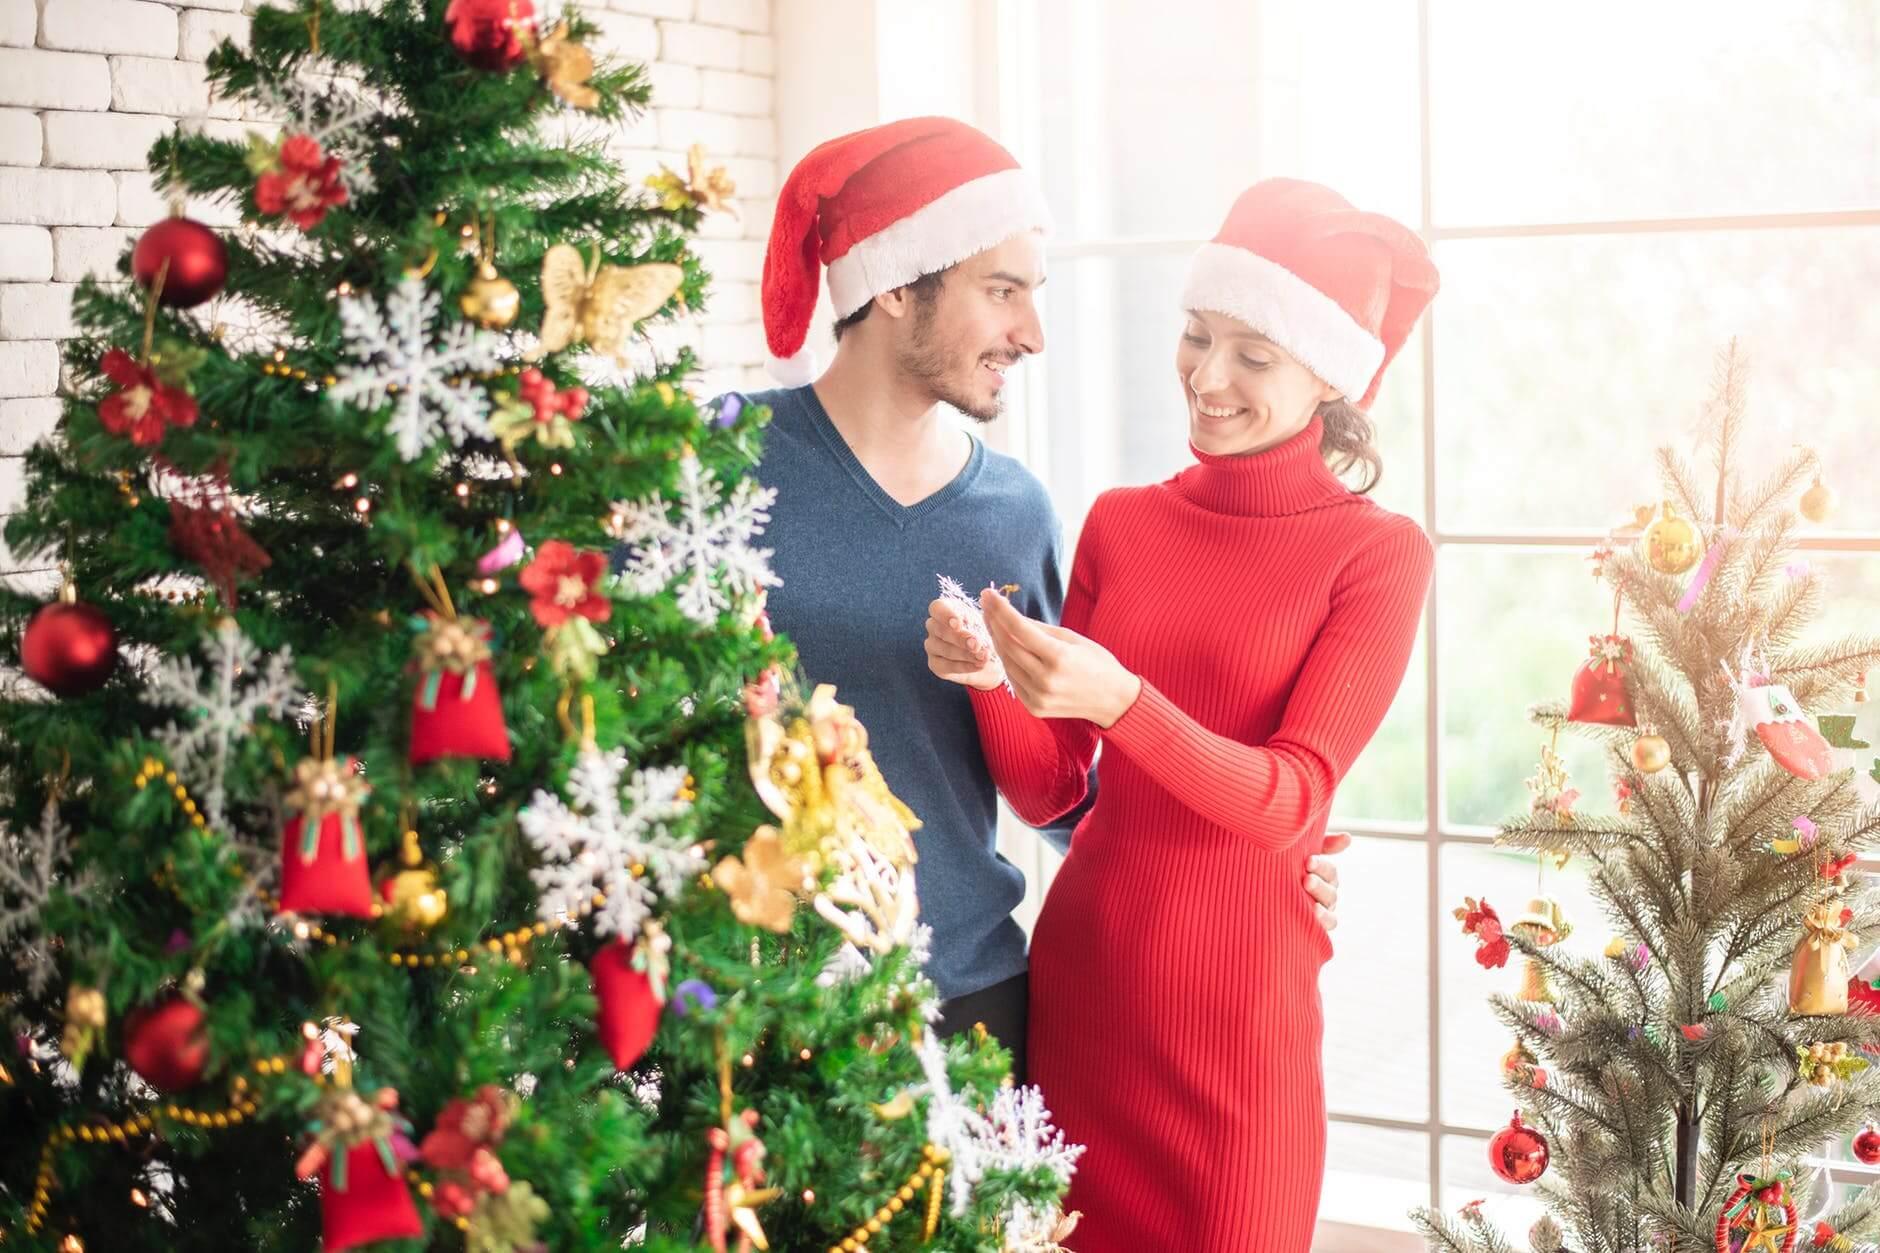 Sinful Joulukalenteri Kokemuksia